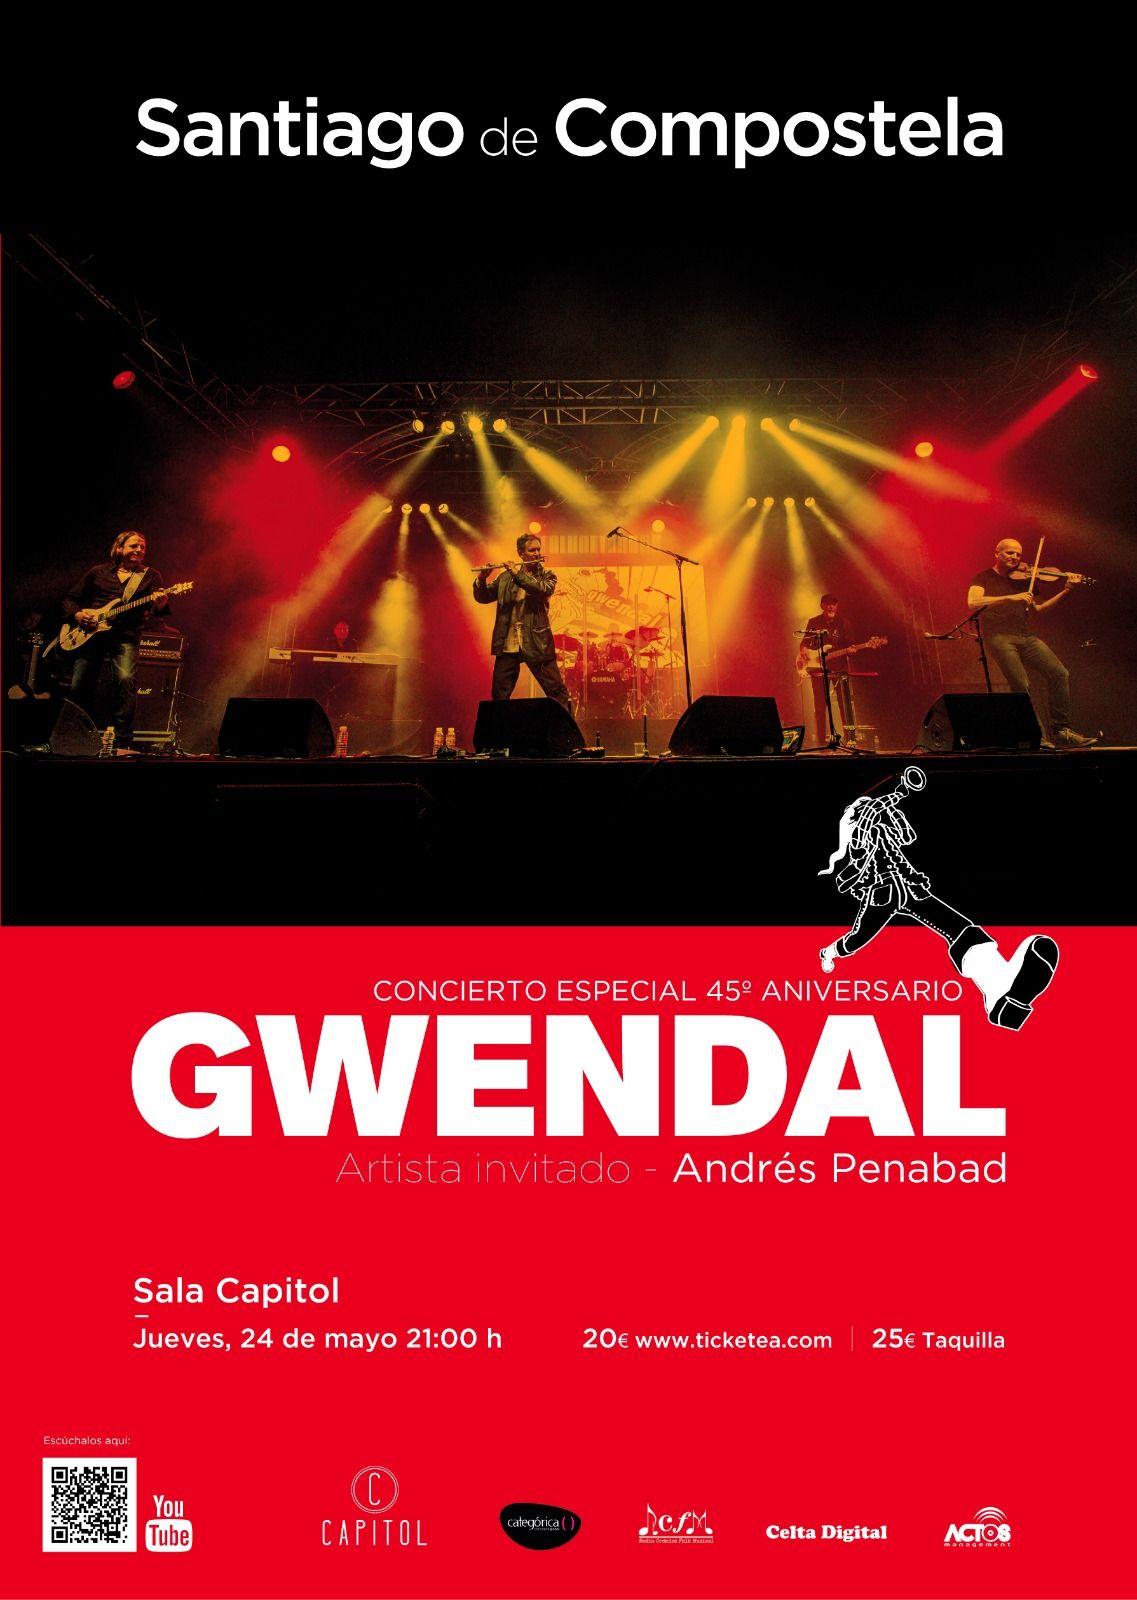 Gwendal concierto santiago de compostela